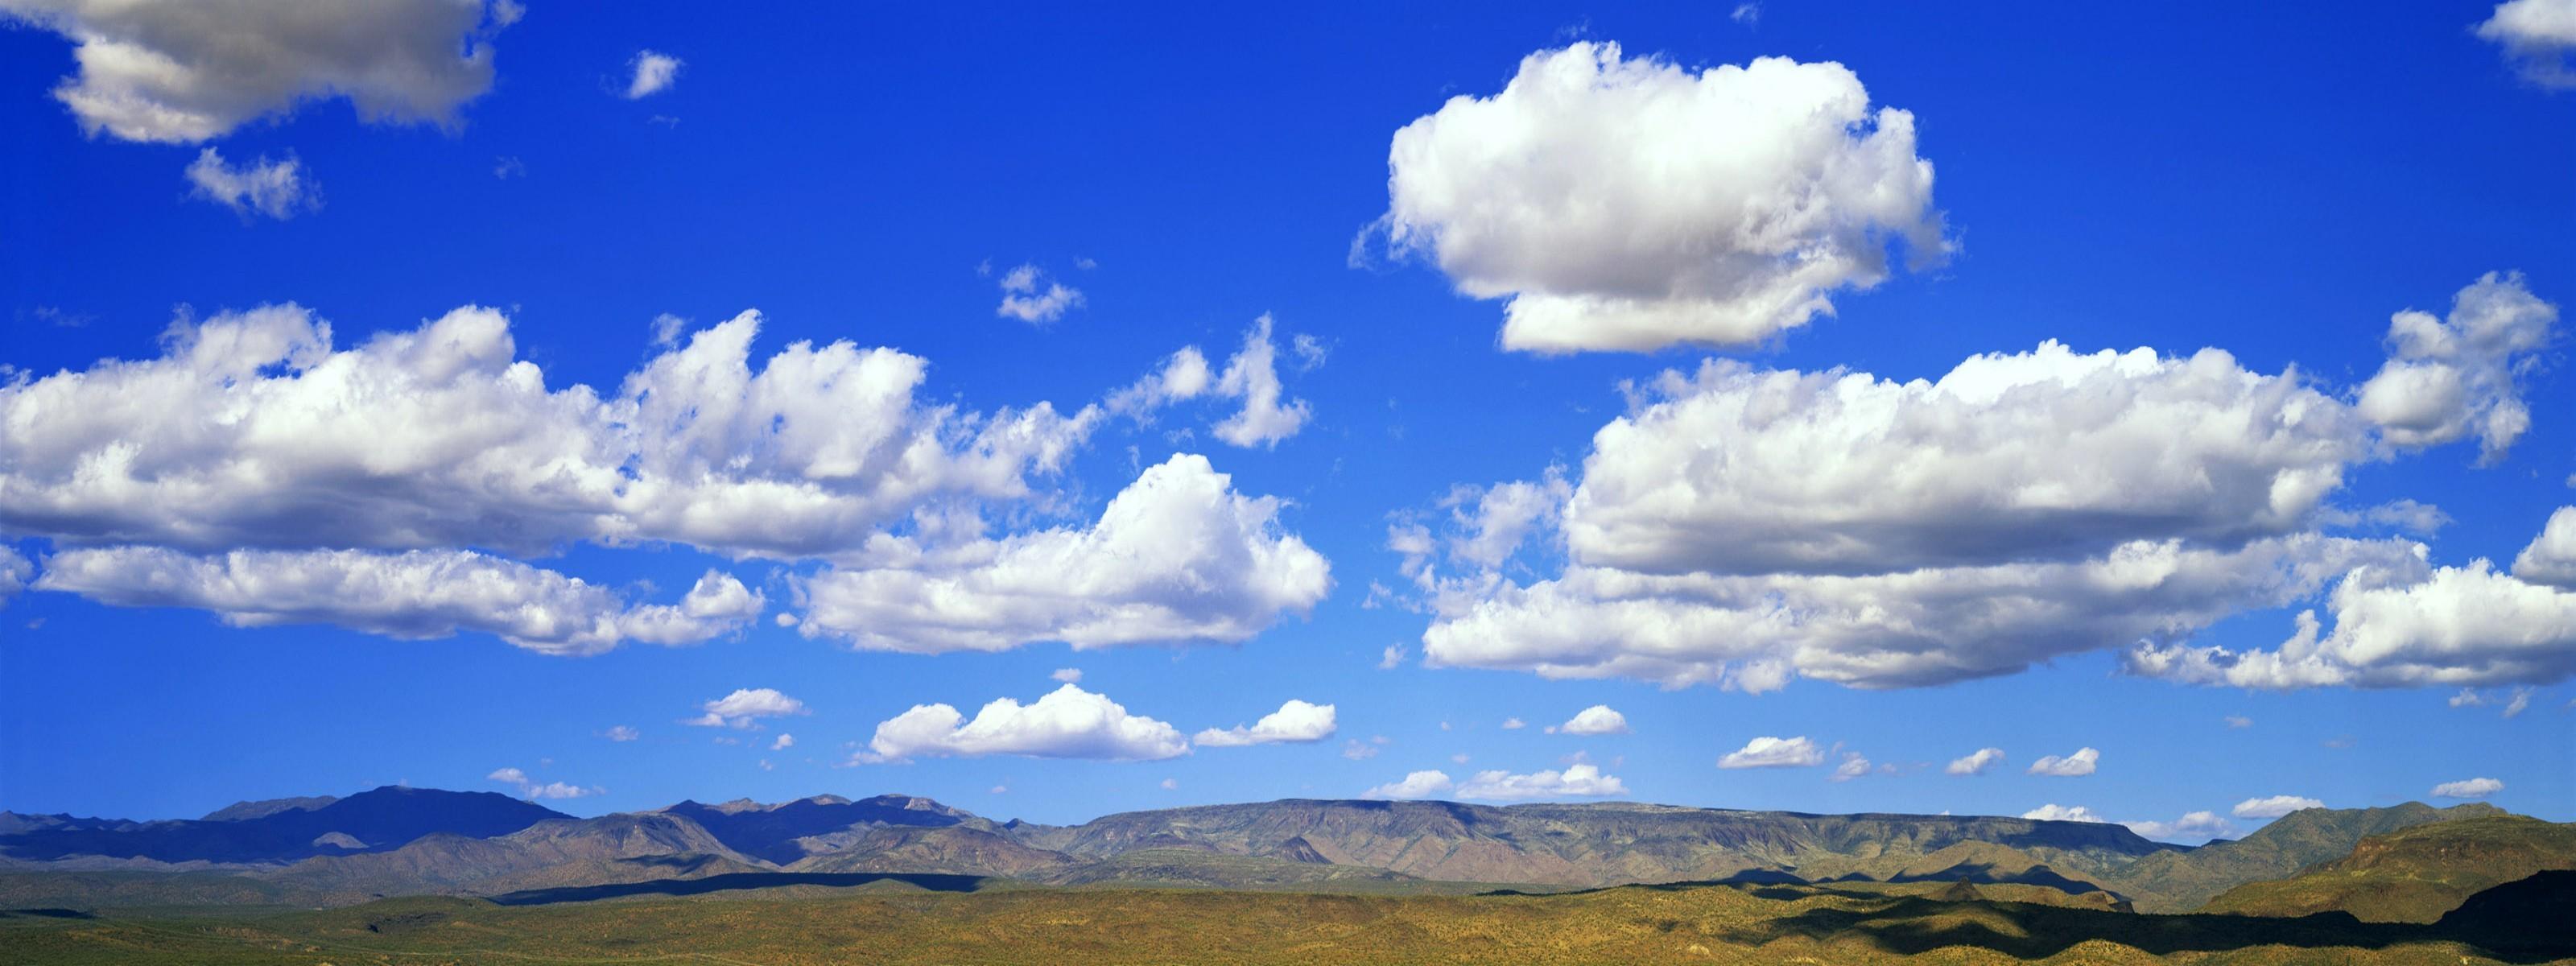 cloud wallpaper panorama